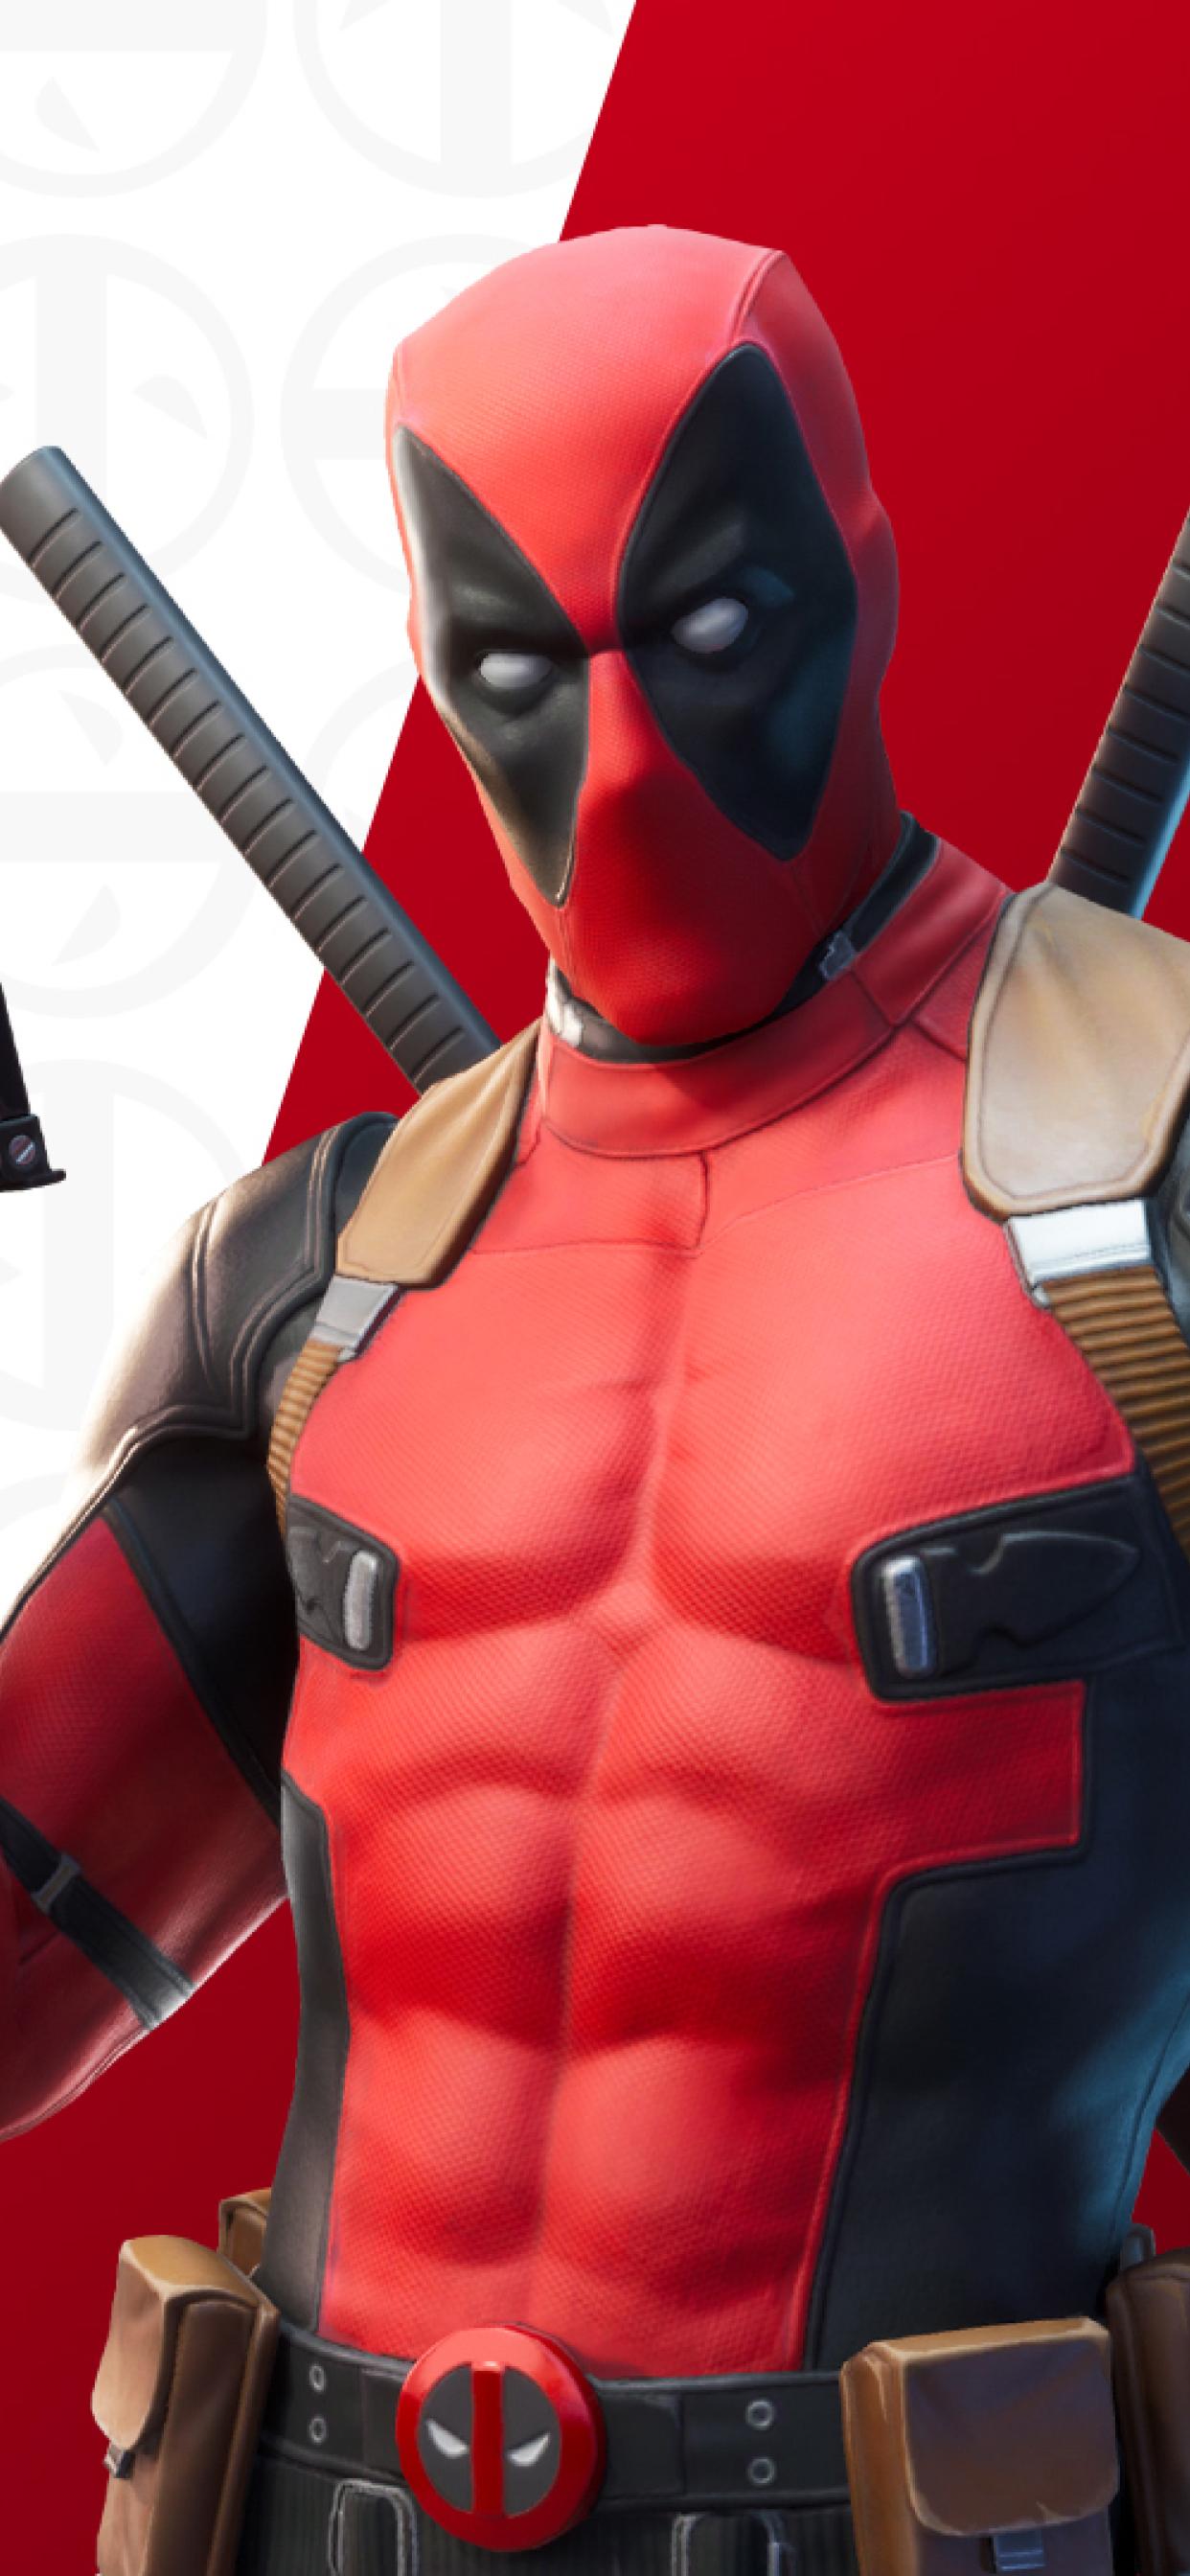 1242x2688 Deadpool Fortnite Iphone XS MAX Wallpaper, HD ...